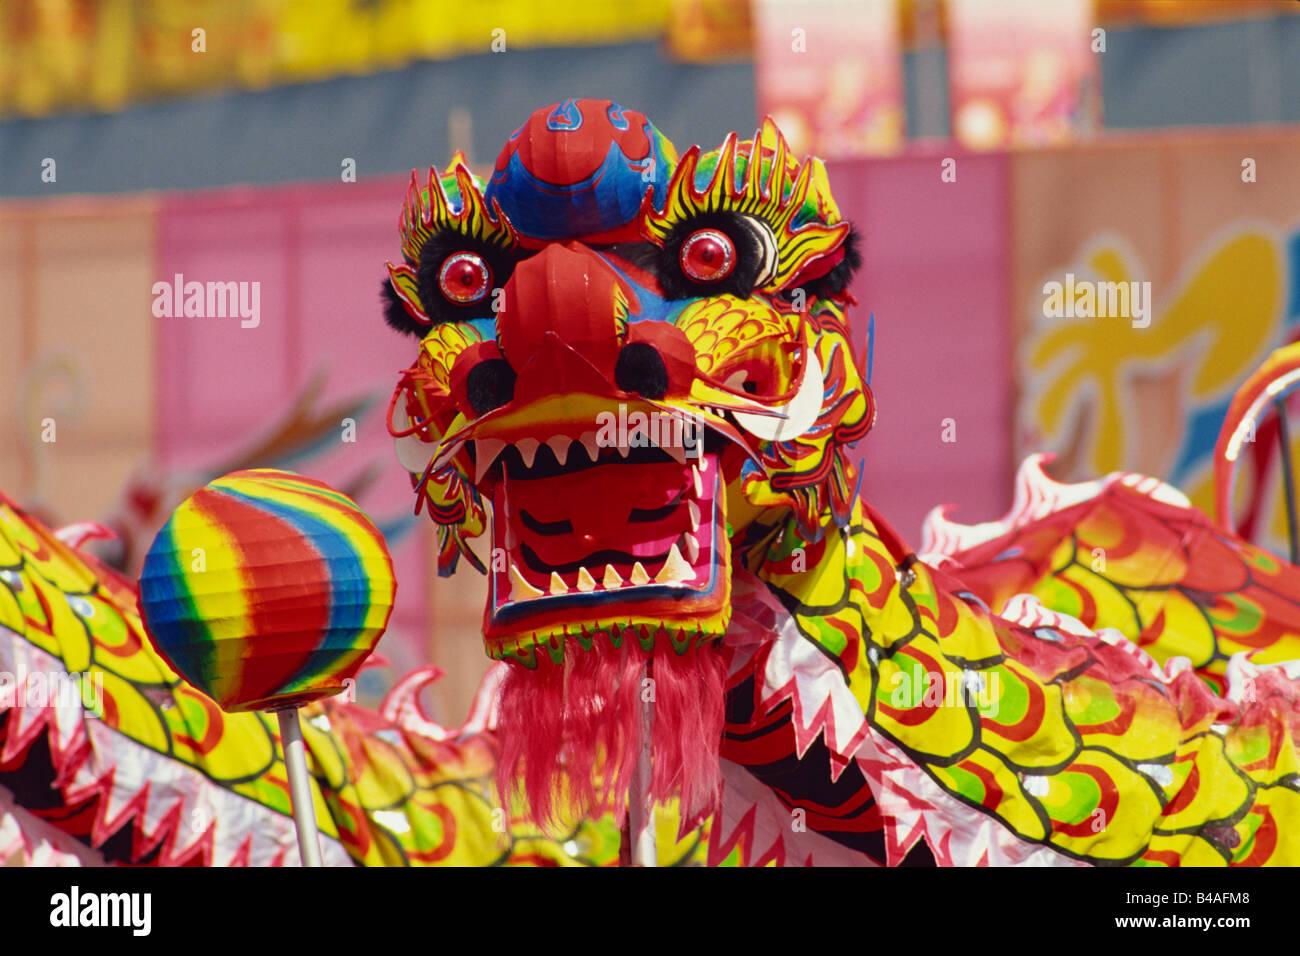 China, Hong Kong, Traditional Chinese Dragon Dancing - Stock Image